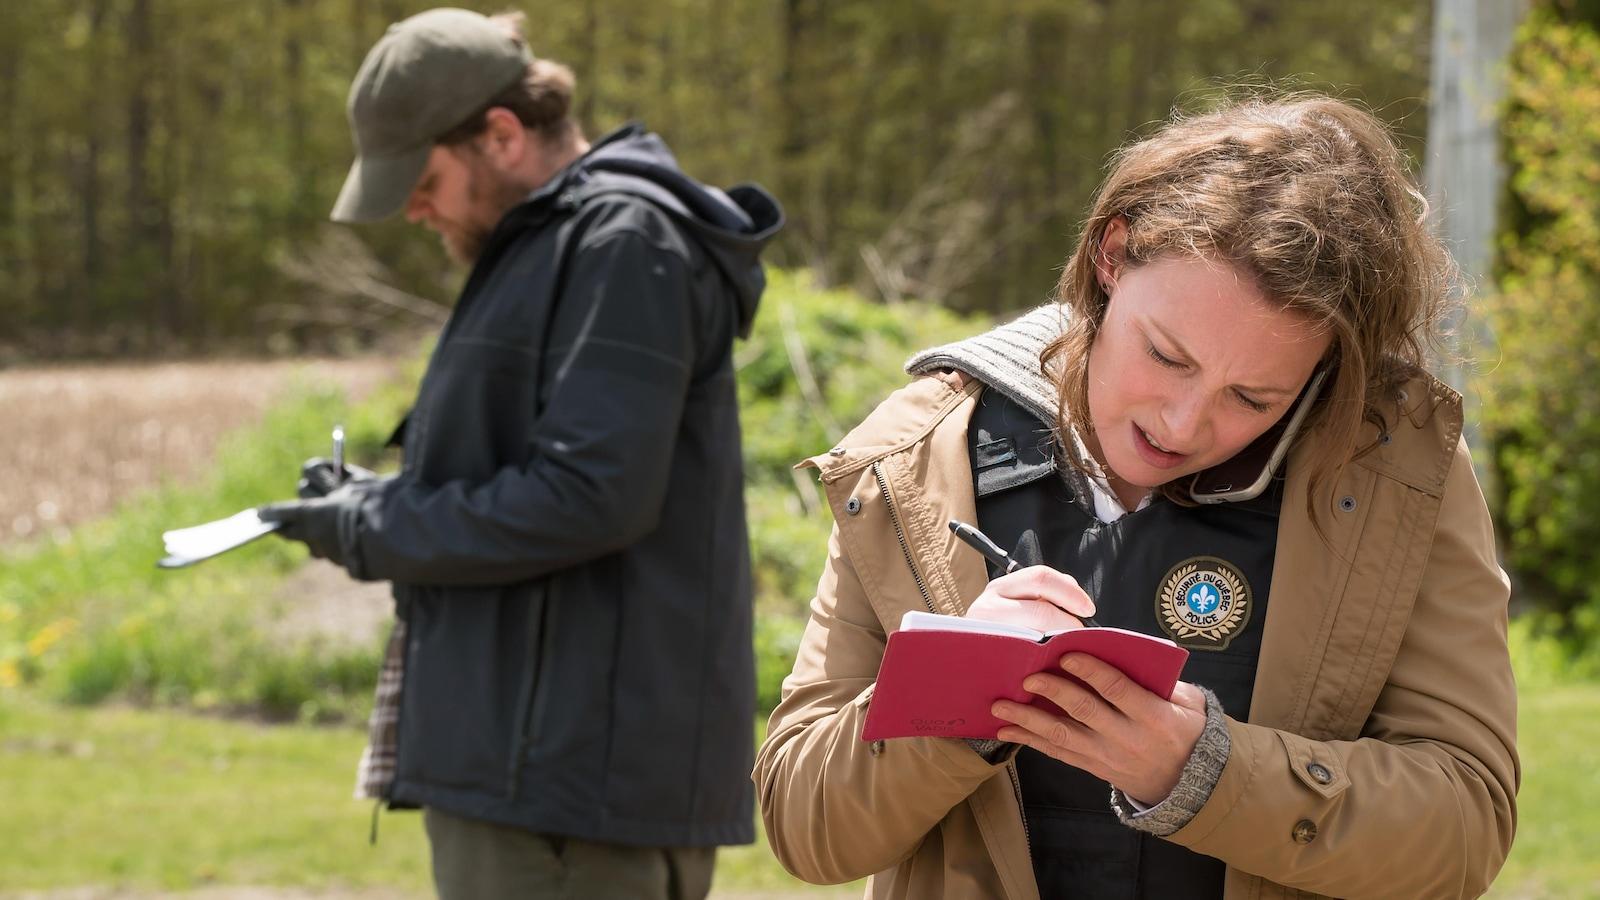 L'oreille collée au cellulaire, l'enquêtrice prend des notes dans un carnet.